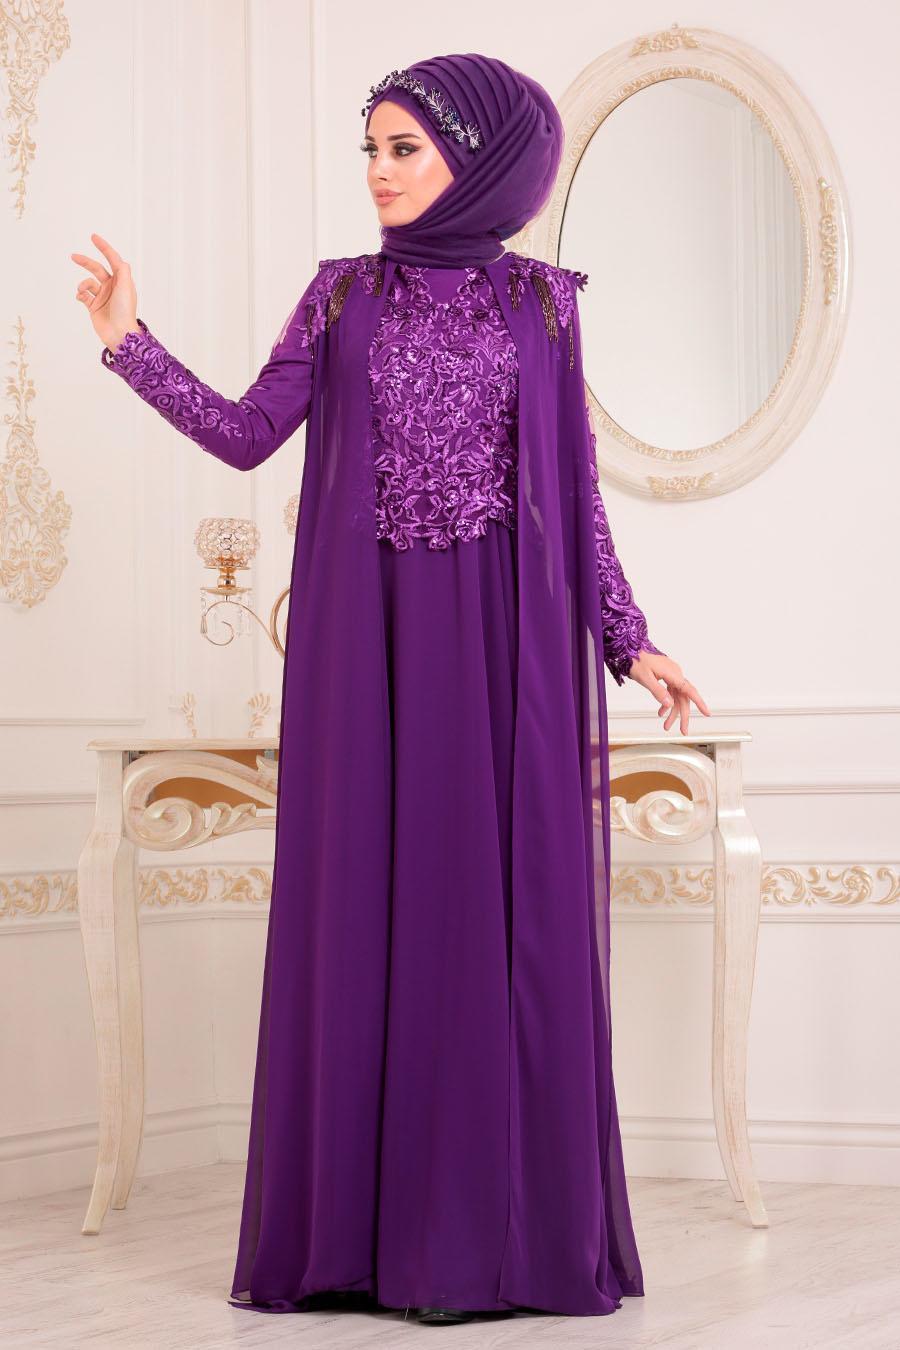 Tesettürlü Abiye Elbise - Pul Payetli Mor Tesettür Abiye Elbise 85250MOR